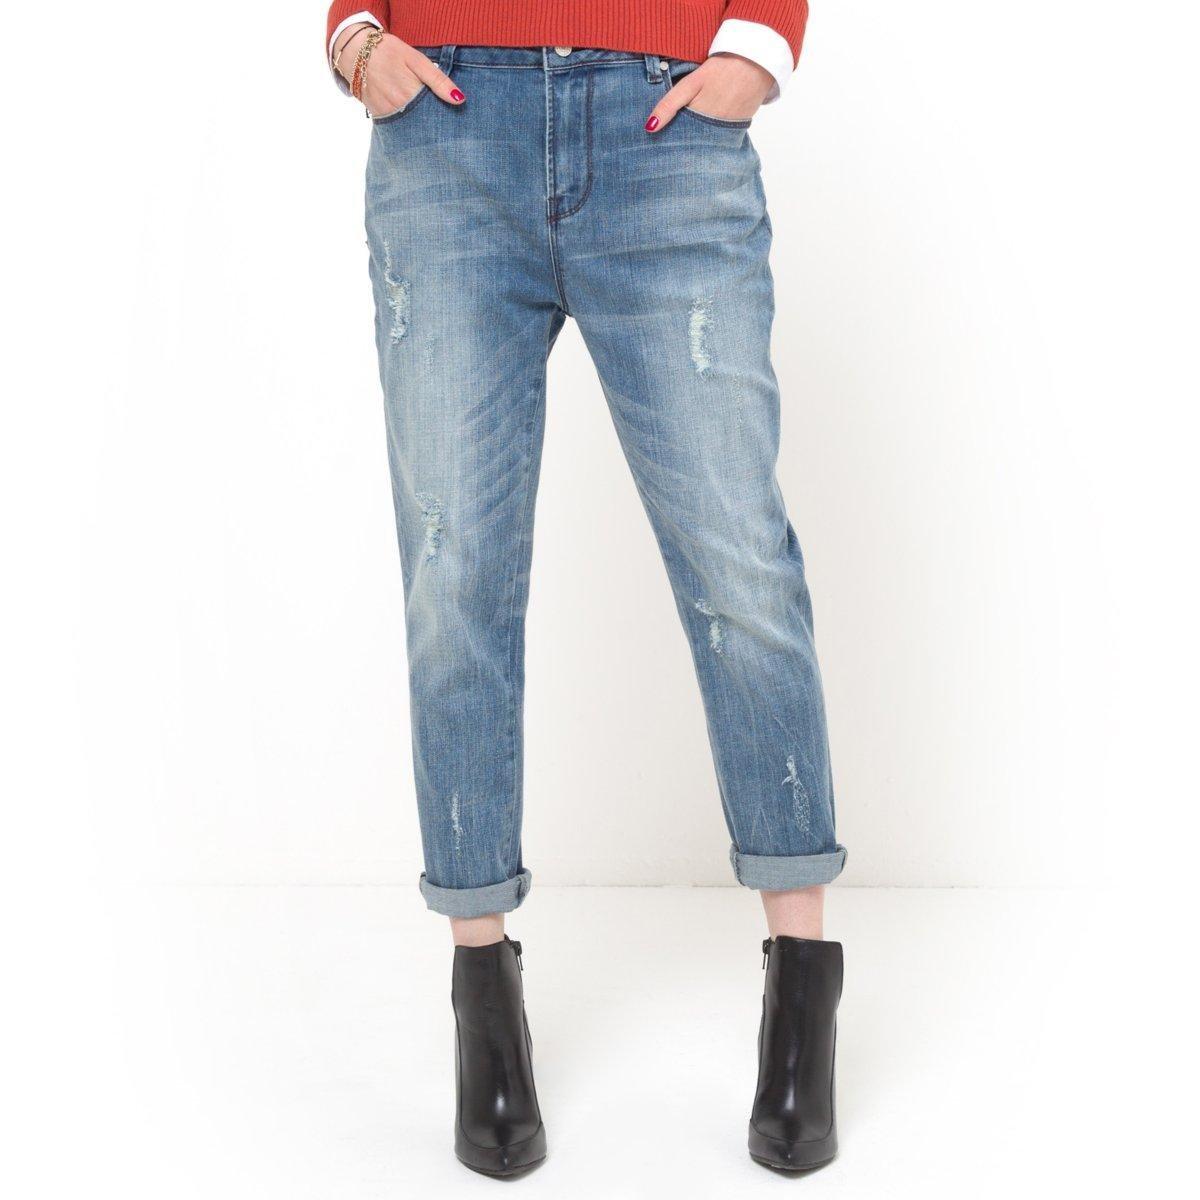 Le jeans : à avoir dans son armoire